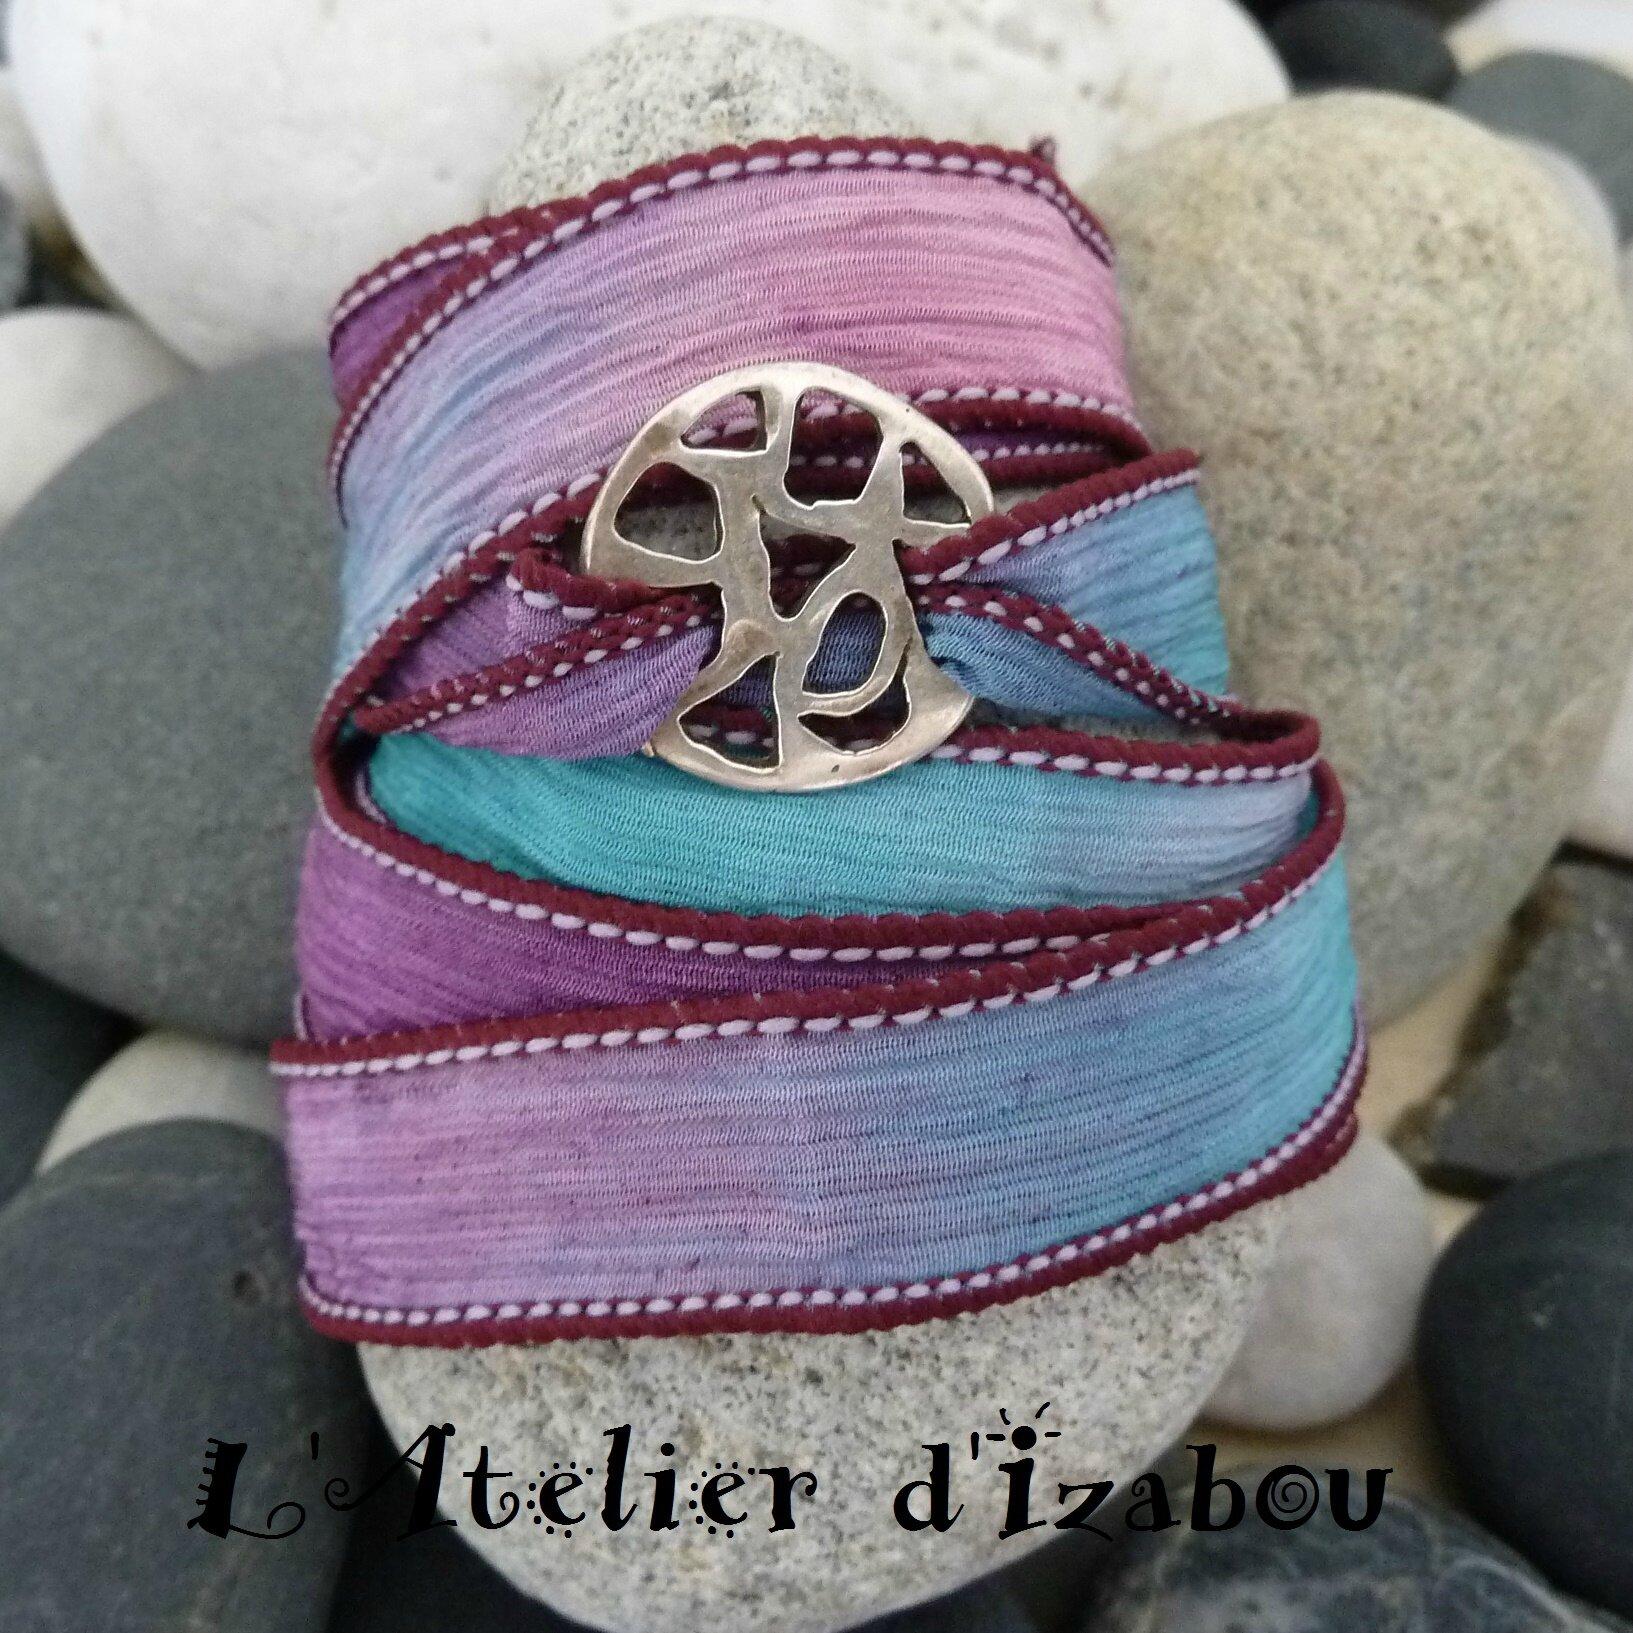 Populaire Matière plus satinée avec ce bracelet léger et changeant en soie  RU78